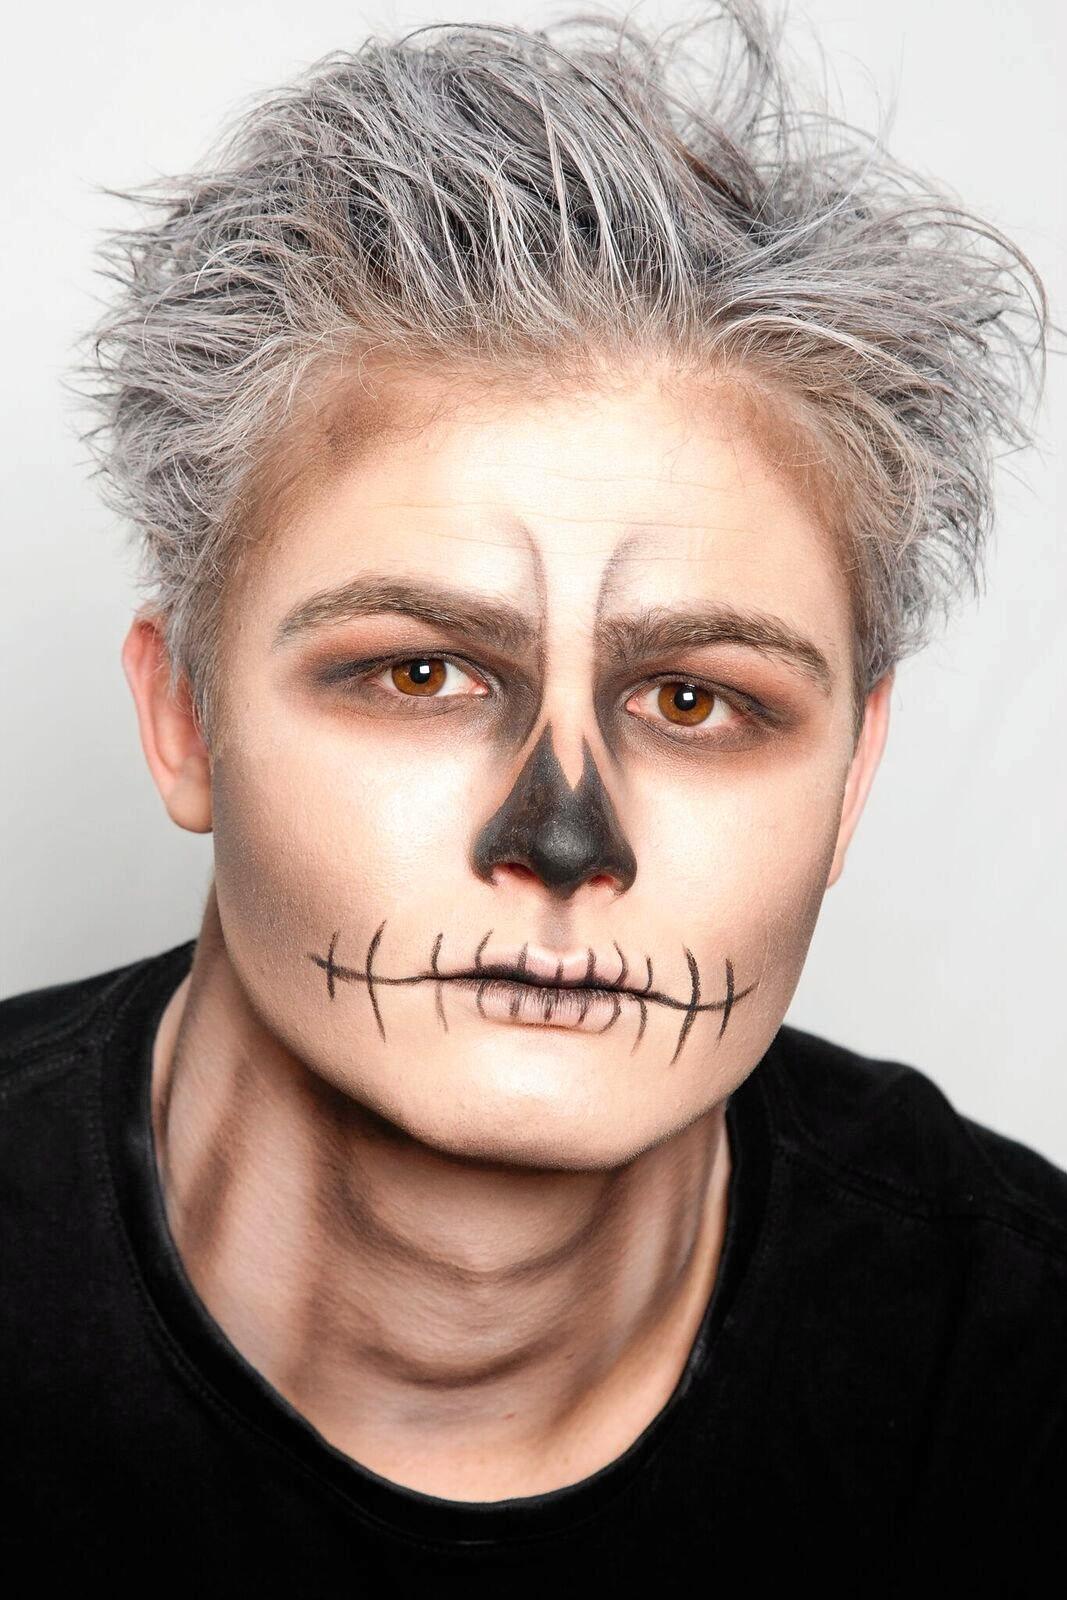 Byron Dolan, make up by Cyan Rissman.